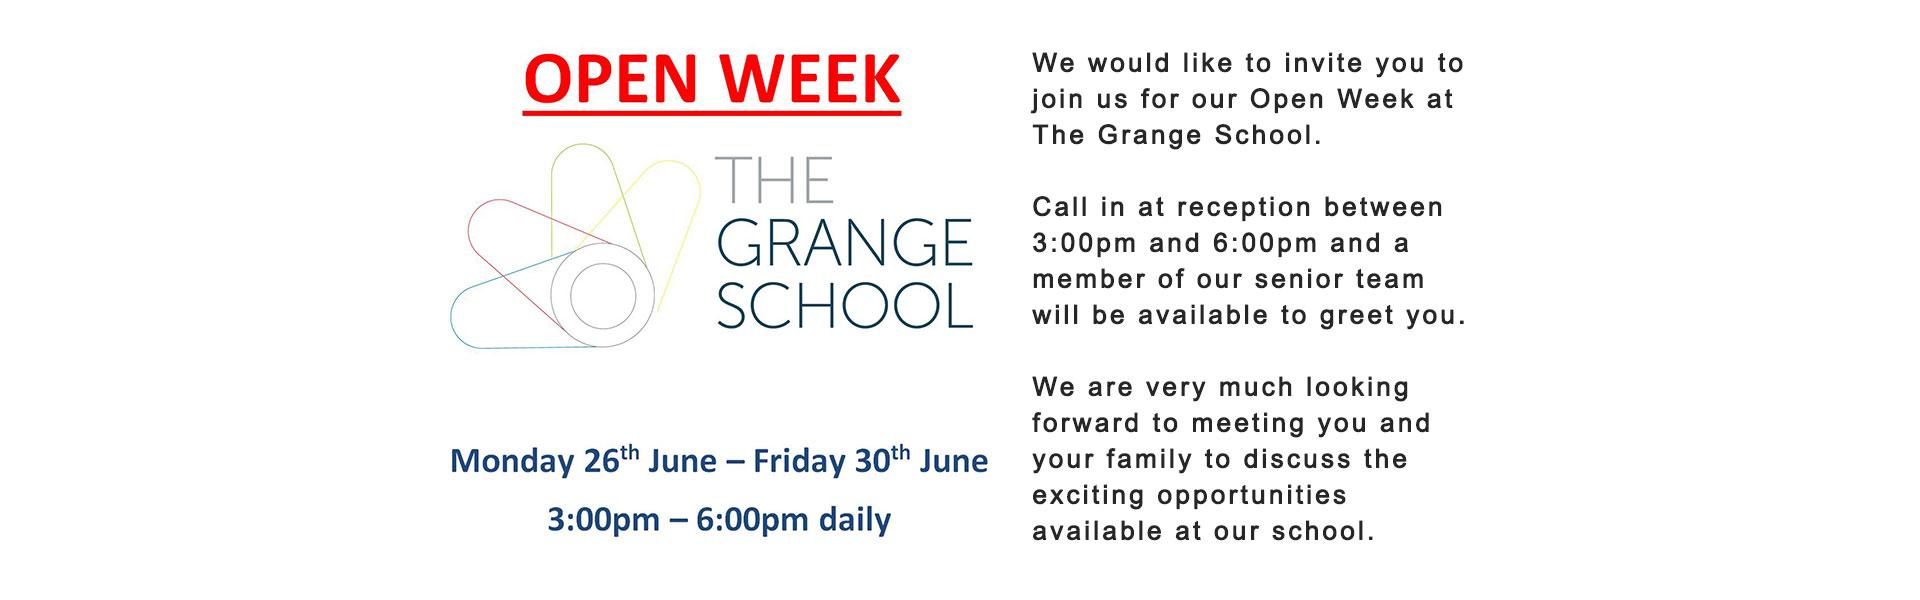 the-grange-school-runcorn-open-week-windmill-hill-1